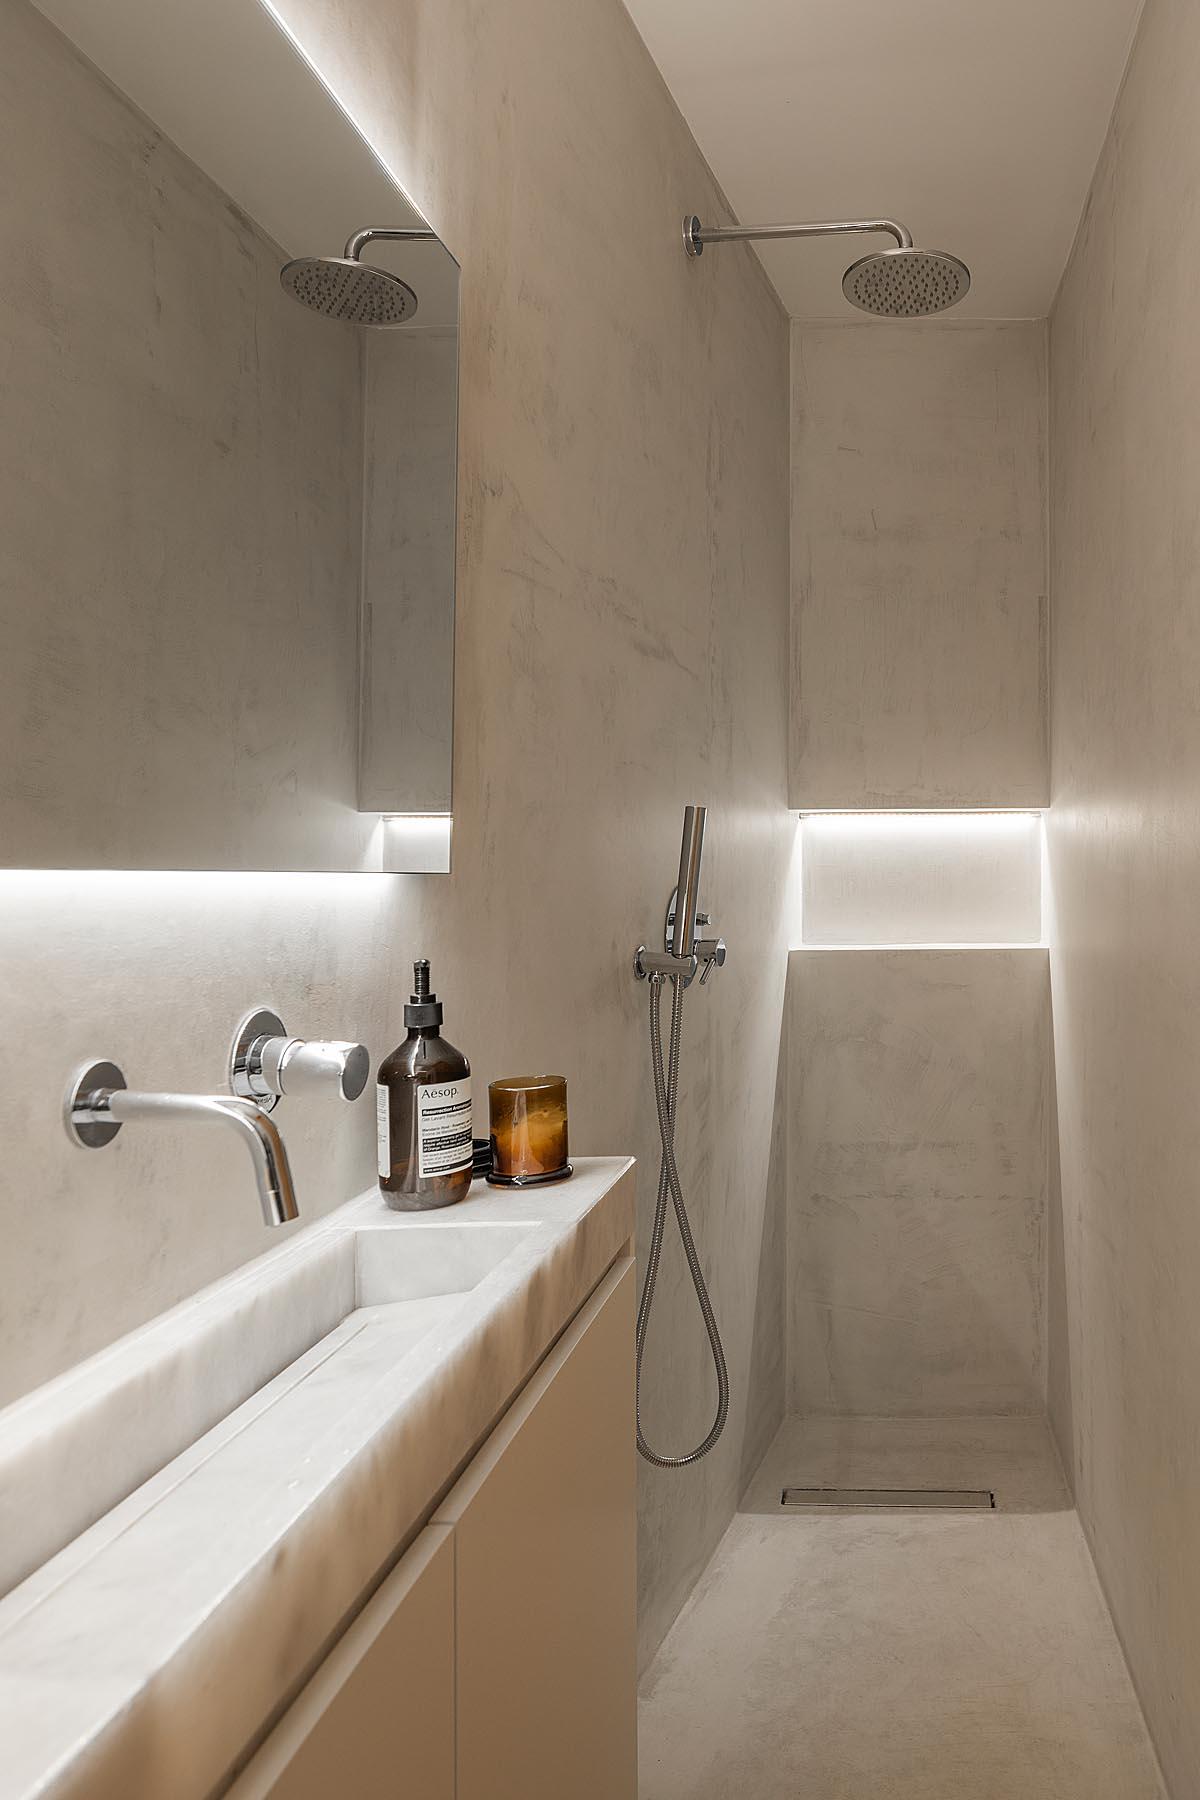 Casa em Castelo Branco do atelier de arquitetura Paulo Martins A